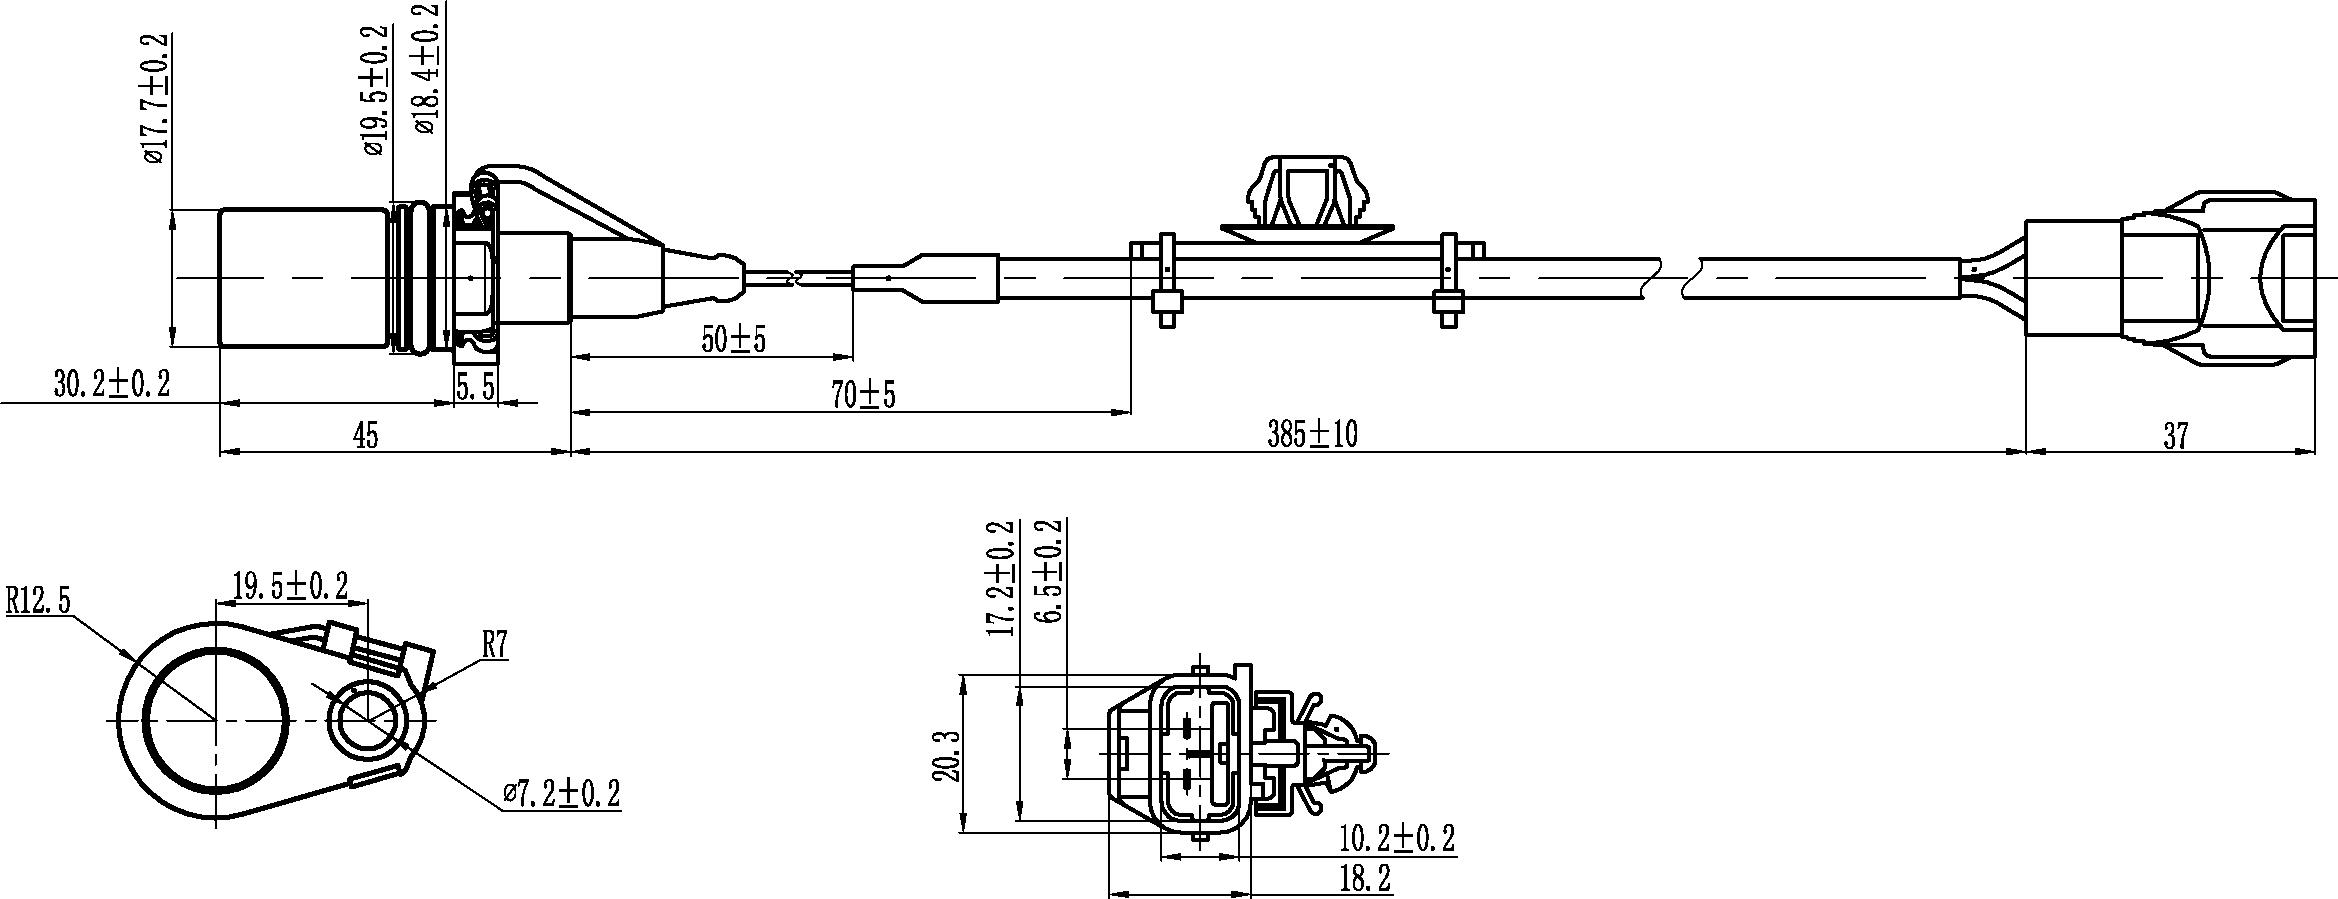 150717 Crankshaft Position Sensor